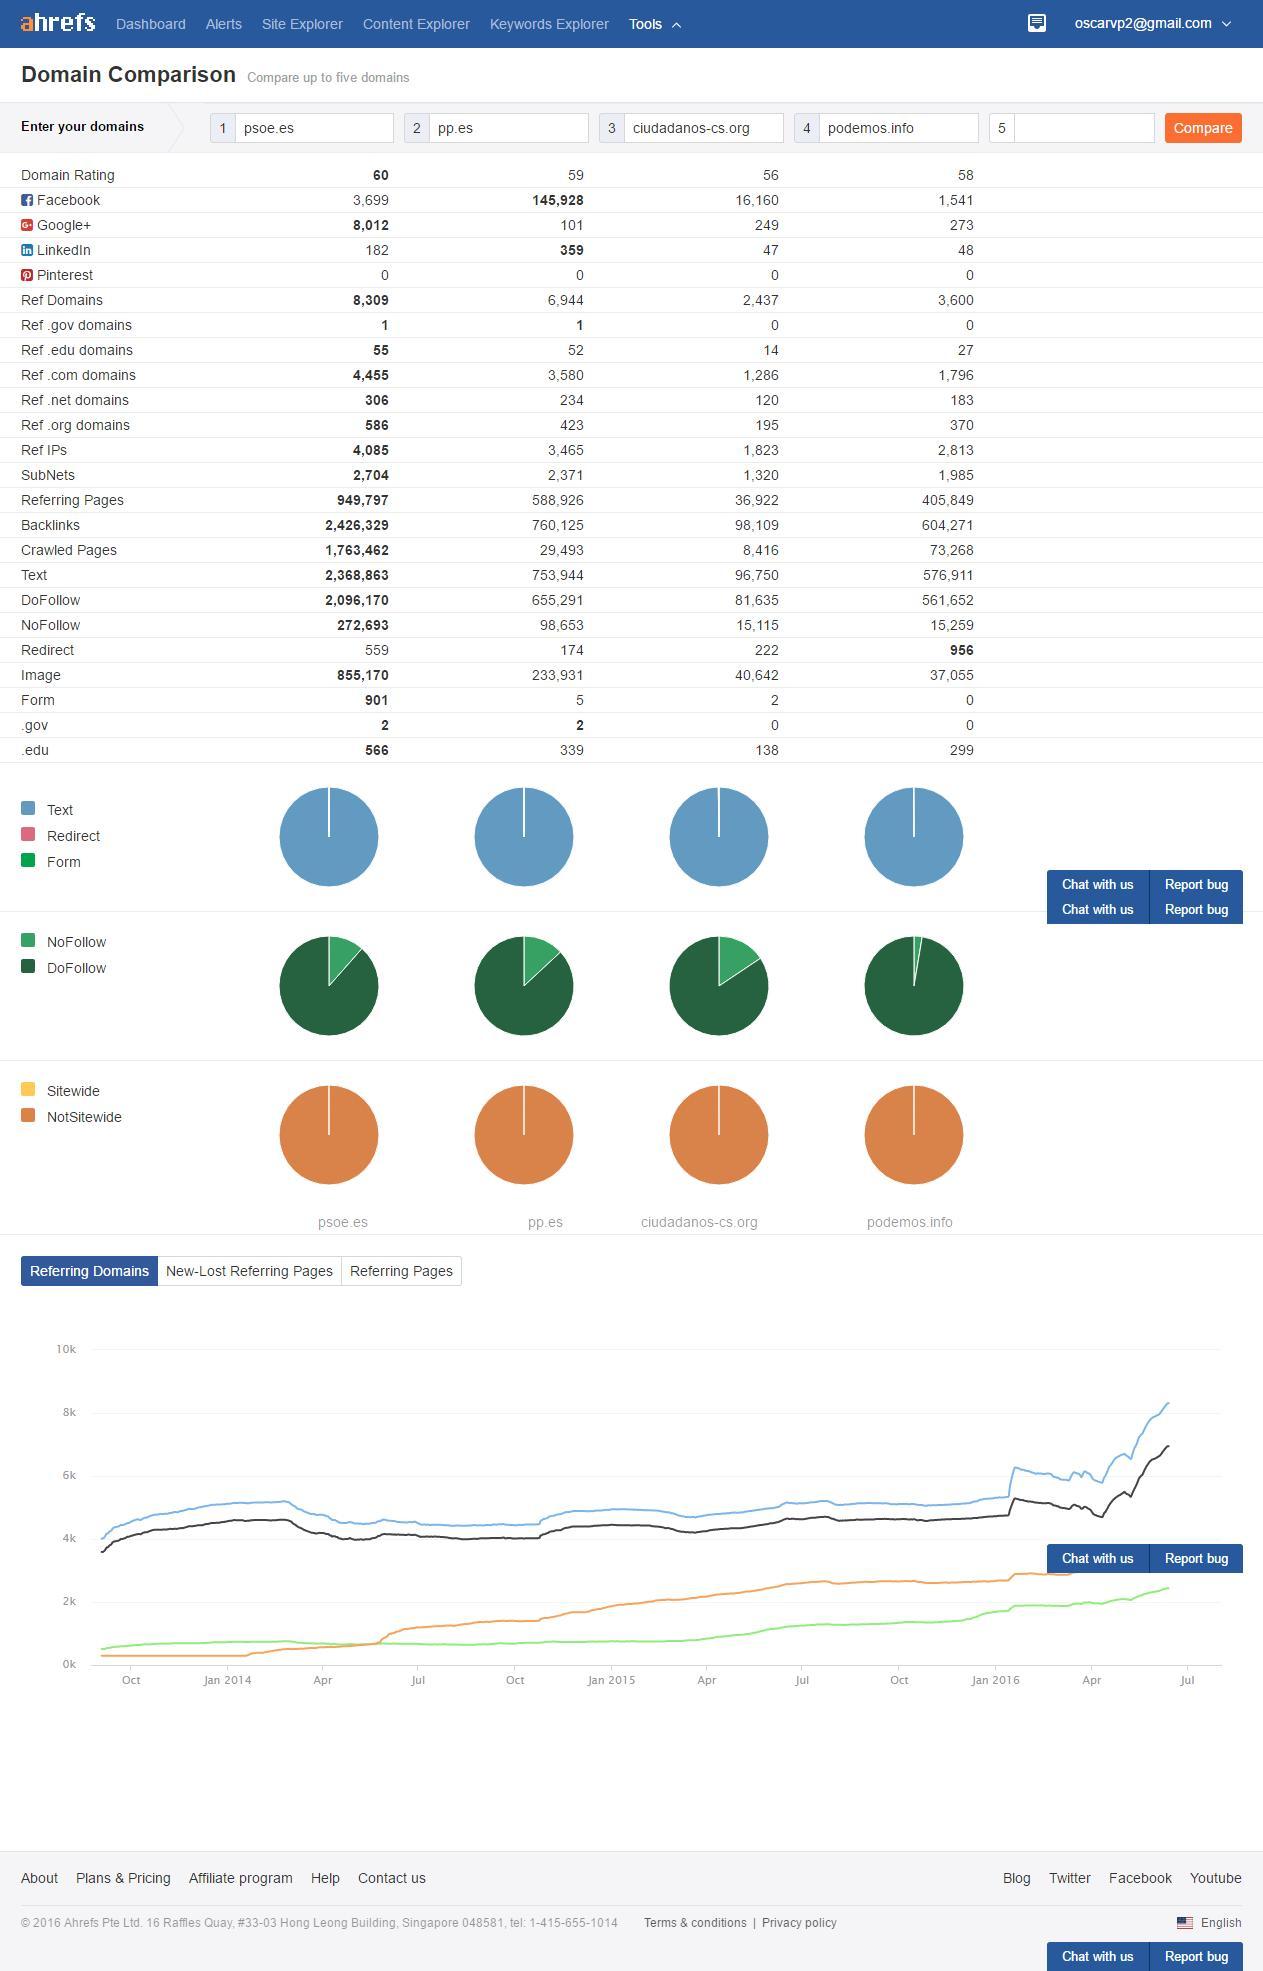 Datos obtenidos con la herramienta AHREFS